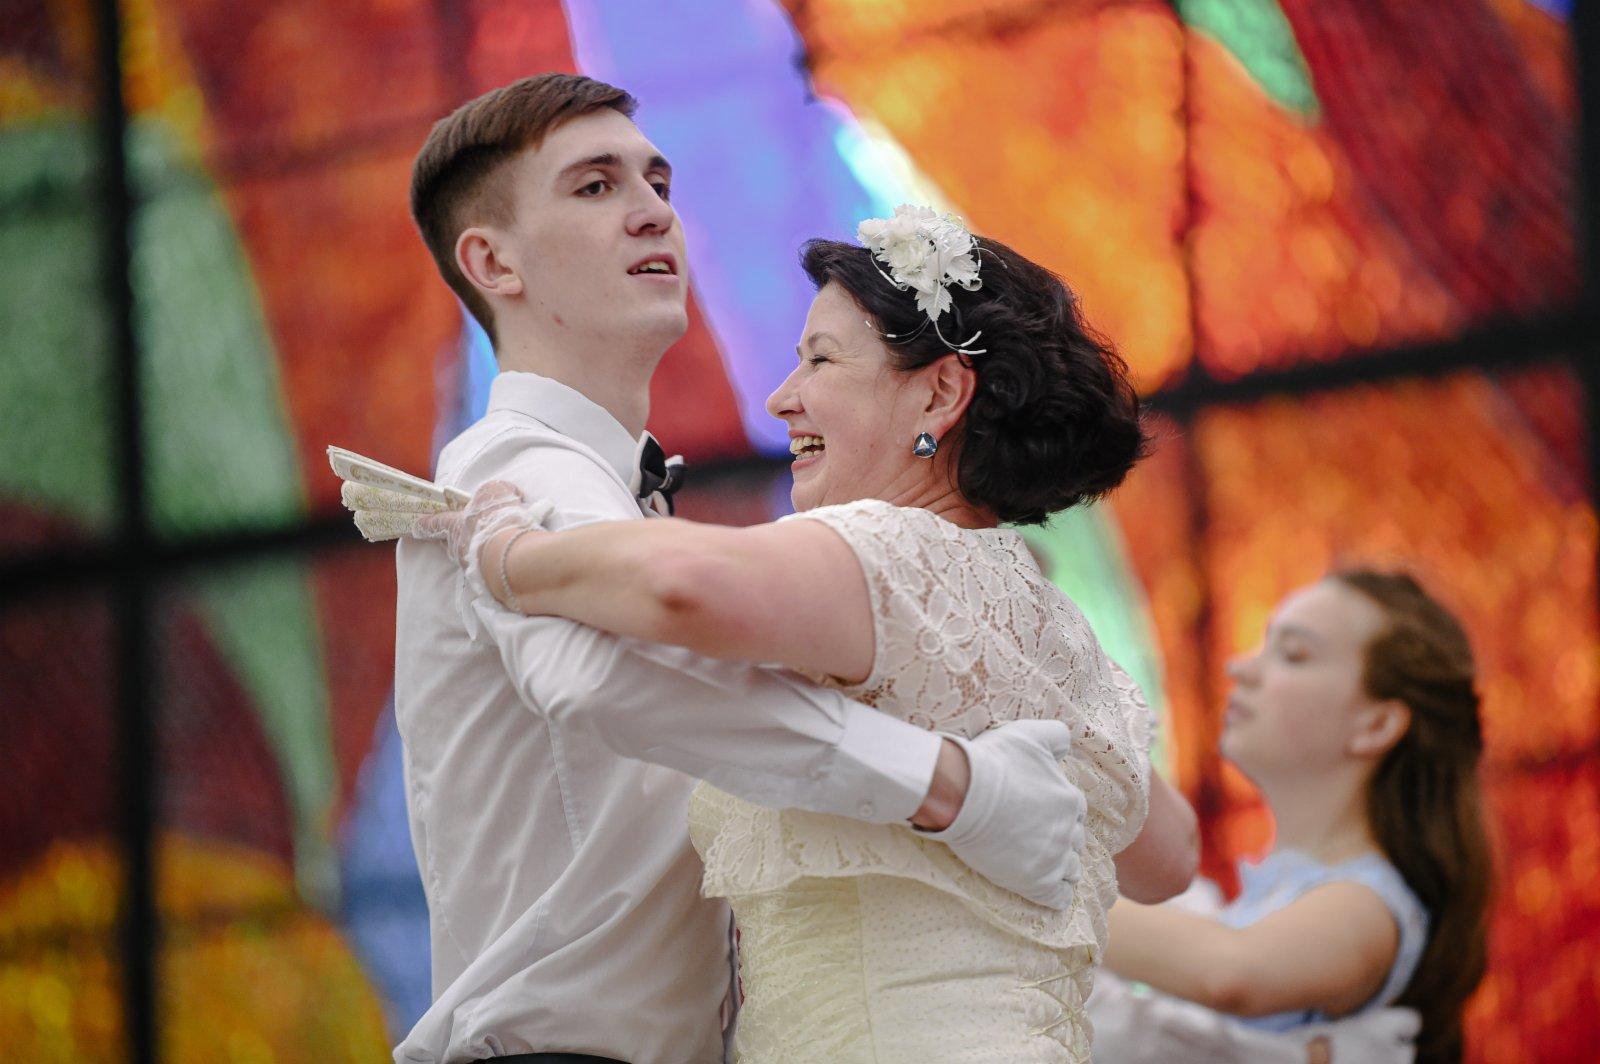 4月3日,在俄羅斯首都莫斯科,人們身著盛裝參加舞會。(新華社)